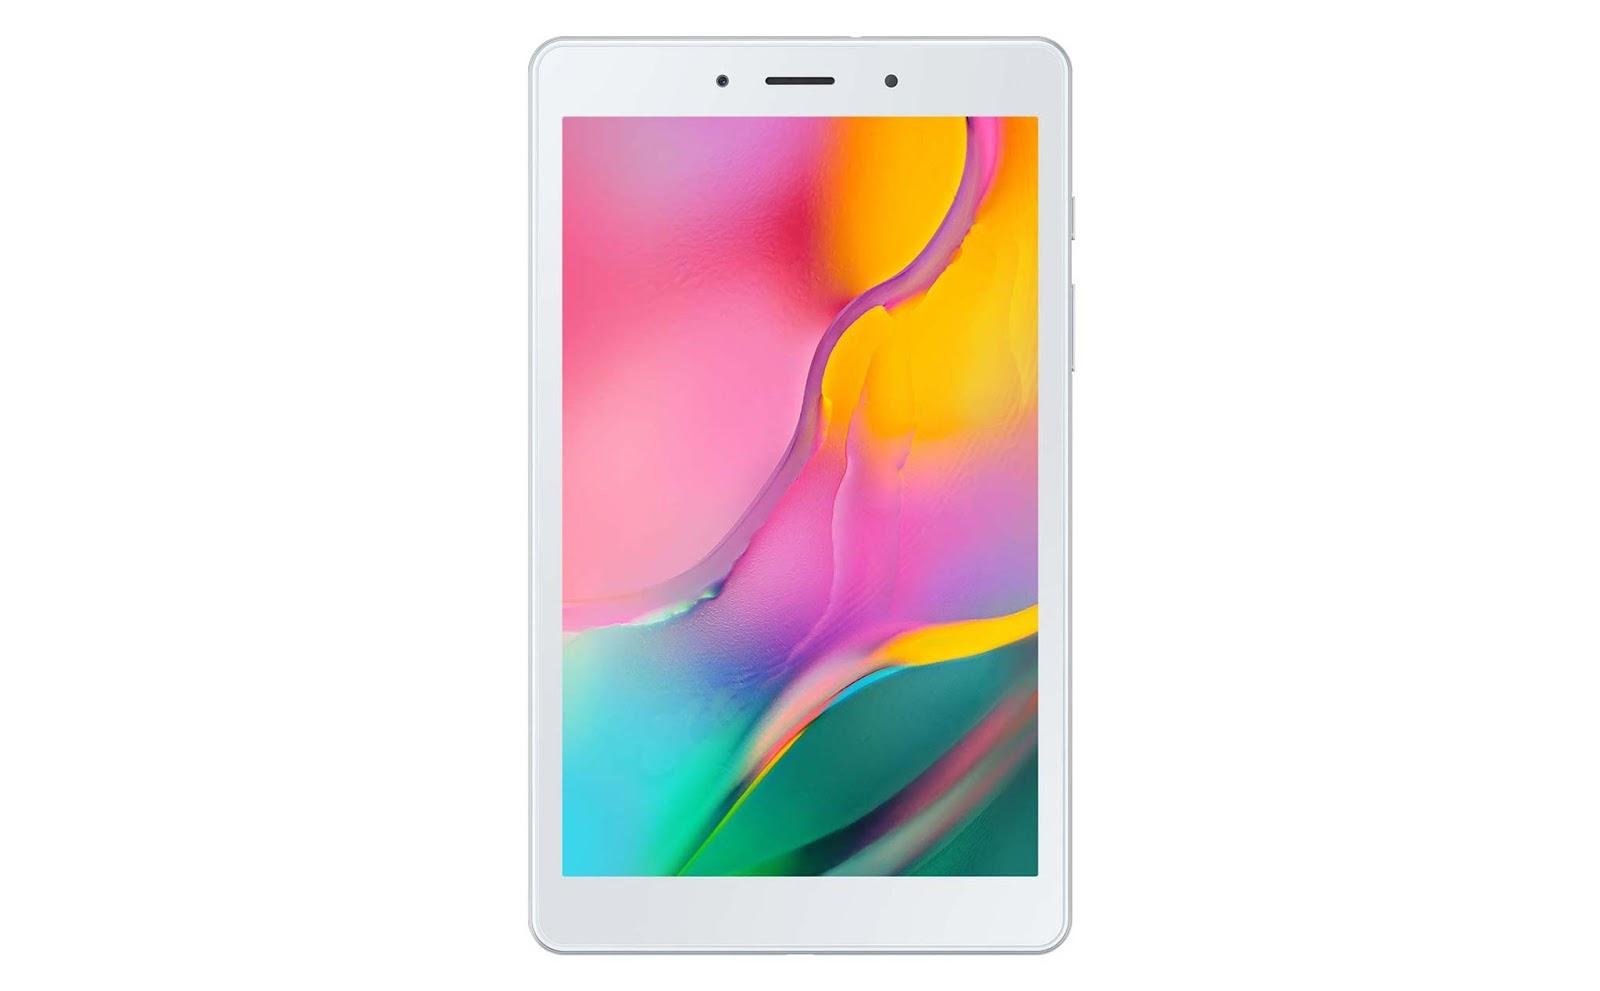 Samsung ra mắt điện thoại bảng phablet Galaxy Tab A 8.0 giá rẻ